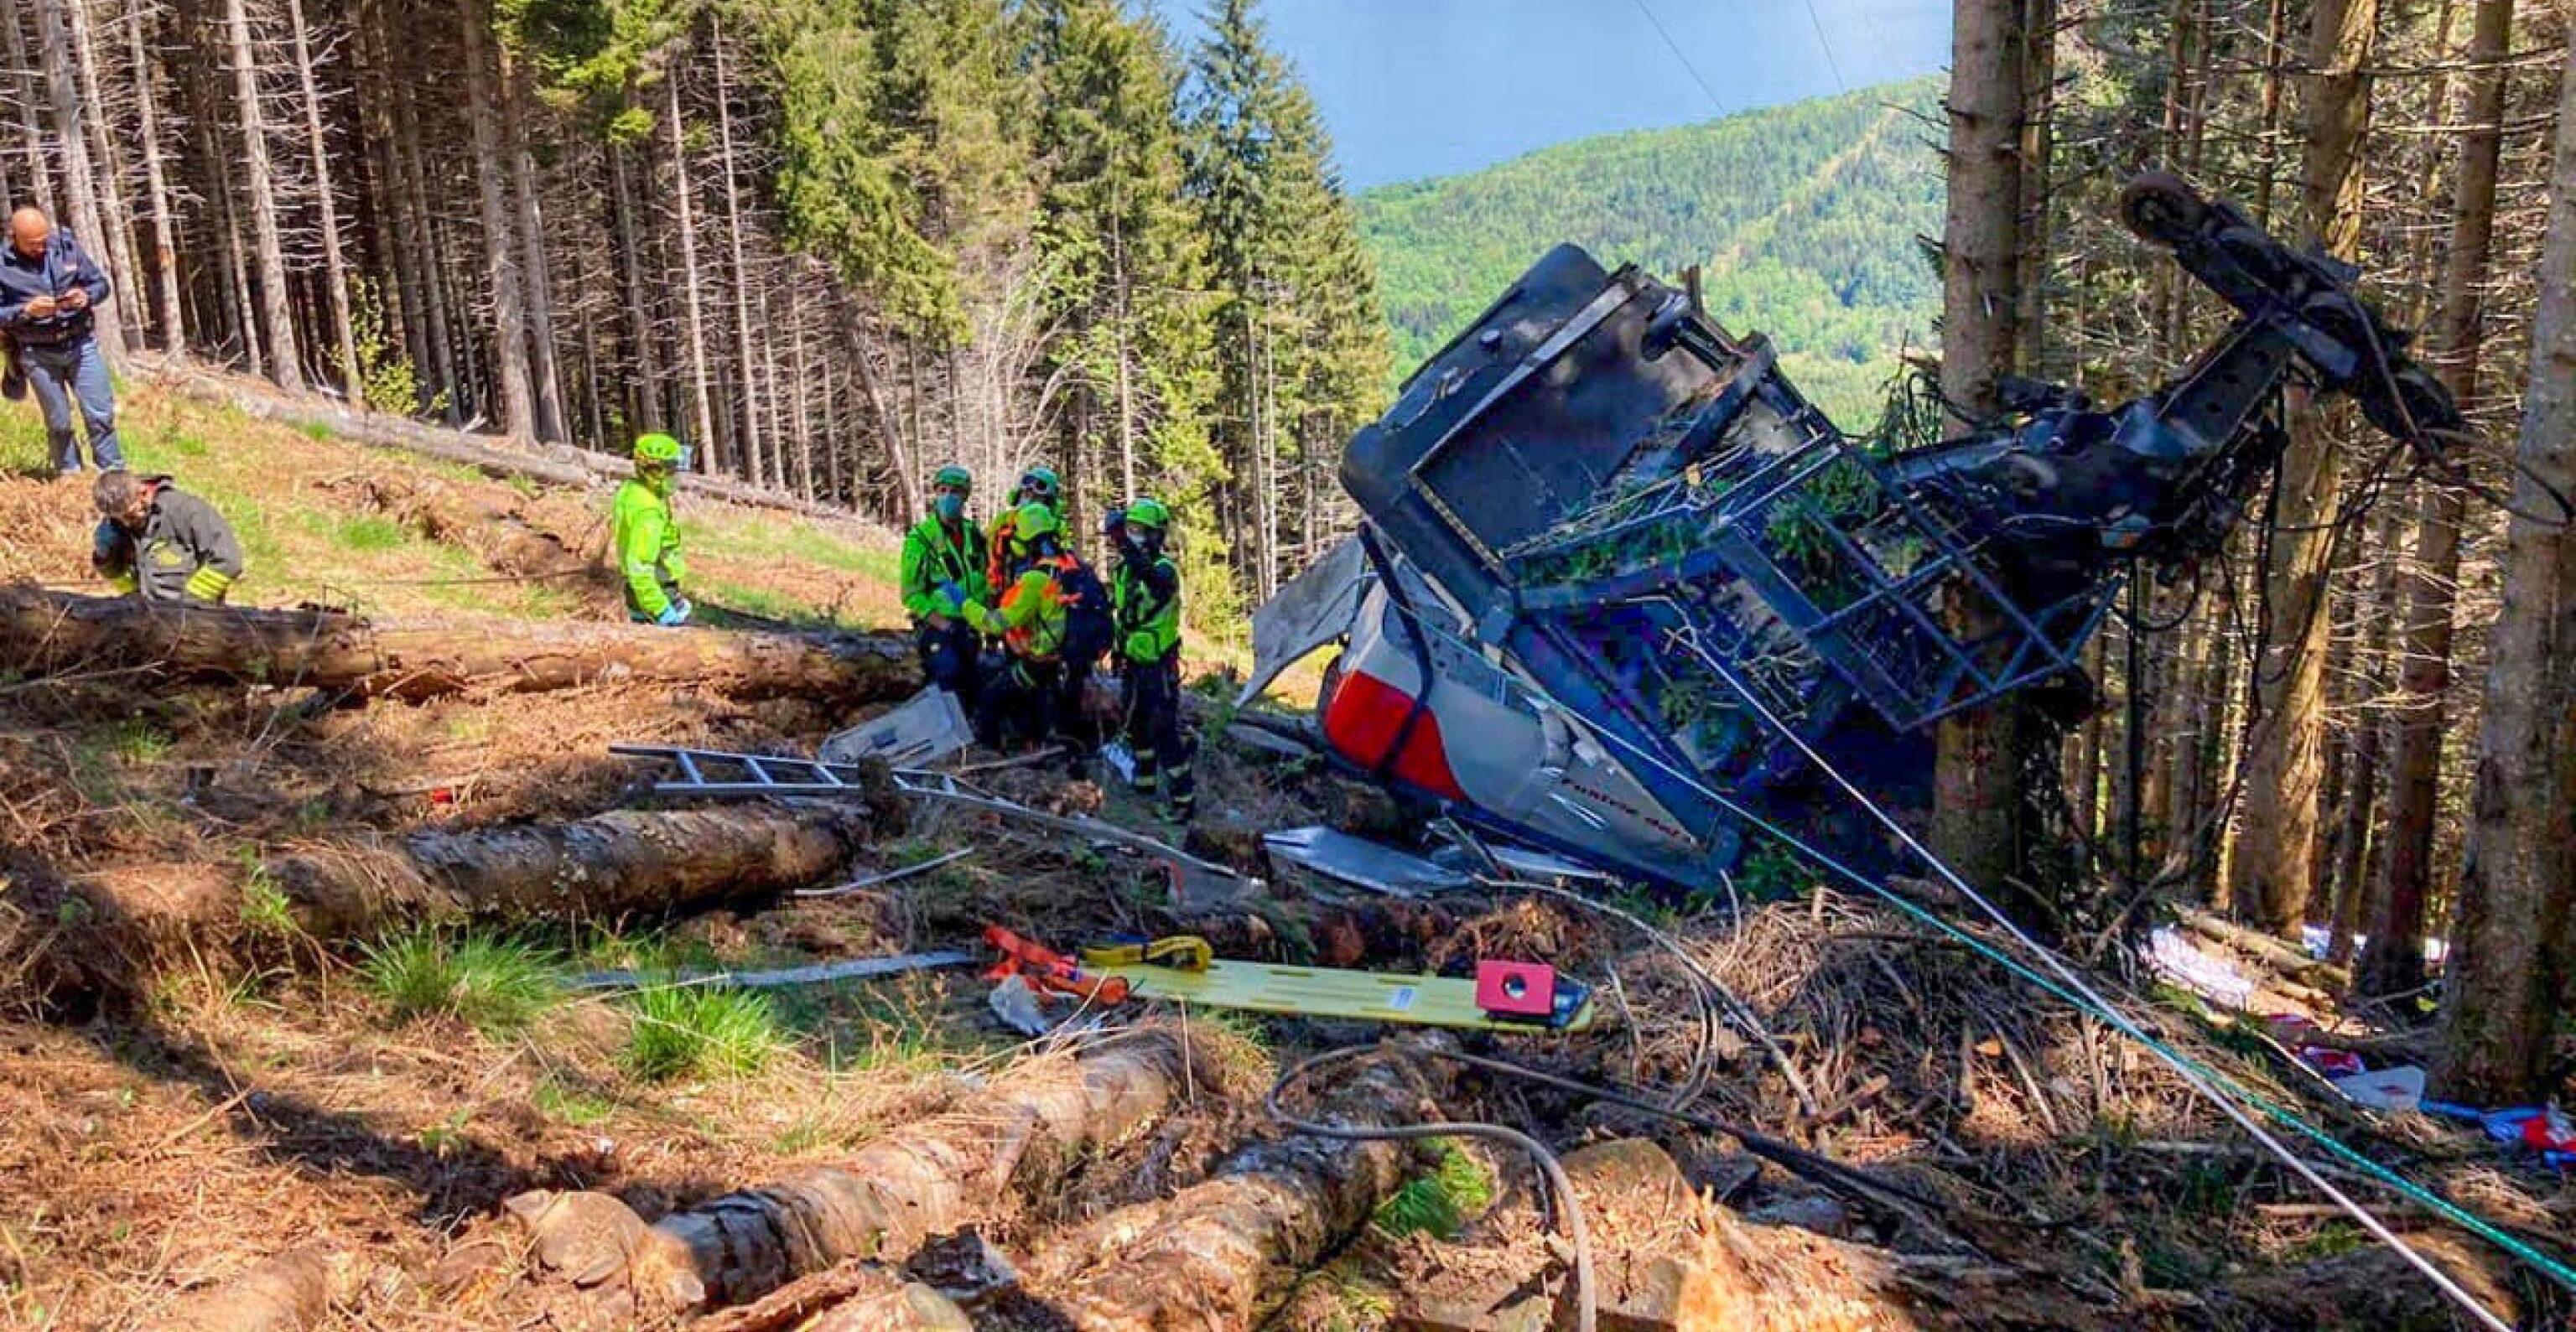 Ongeval met kabelbaan in Italië: veertien doden nadat cabine naar beneden stort.